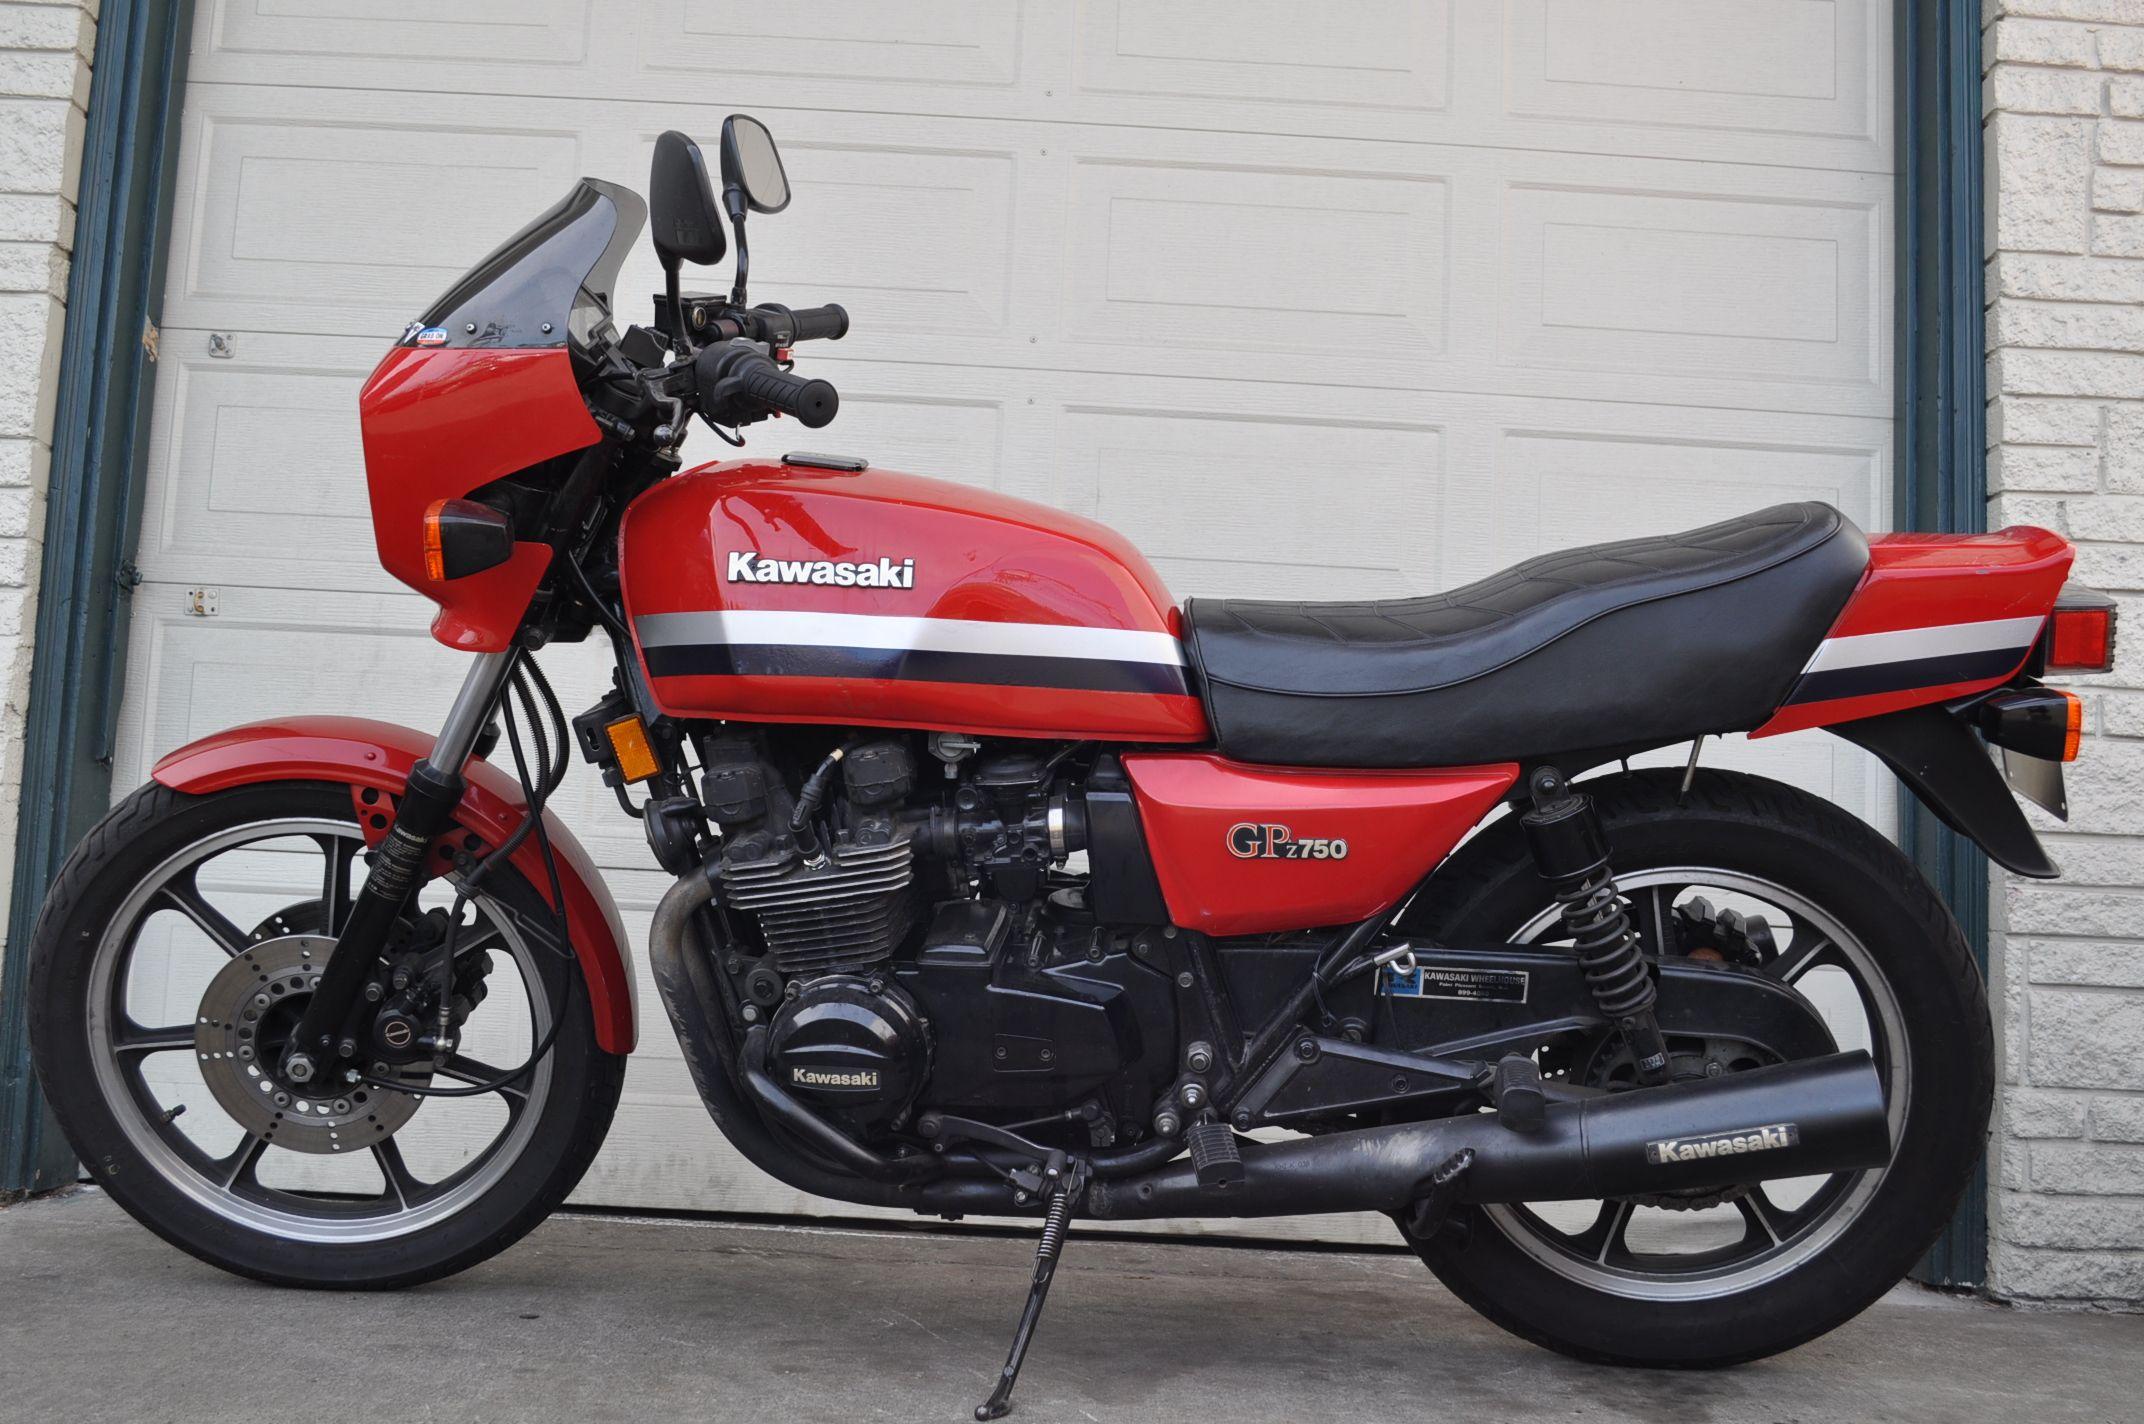 1982 Kawasaki Gpz750 Kawasaki Bikes Kawasaki Motorcycles Classic Motorcycles